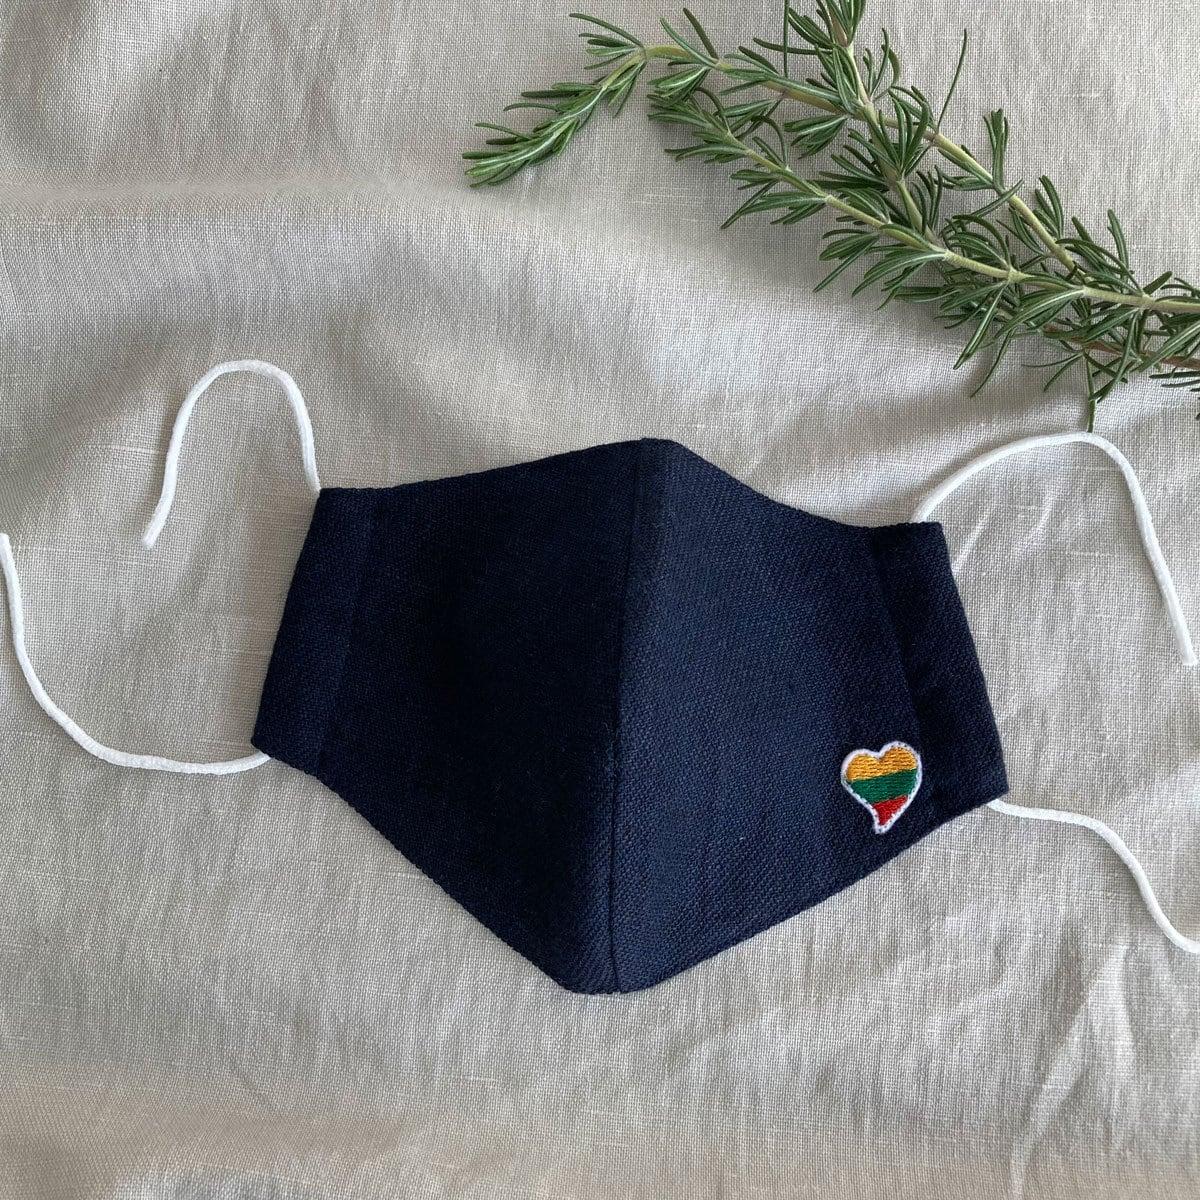 リトアニア産リネン使用 ハンドメイドマスク リトアニア国旗モチーフハートマーク付平織リネンコットン ネイビー